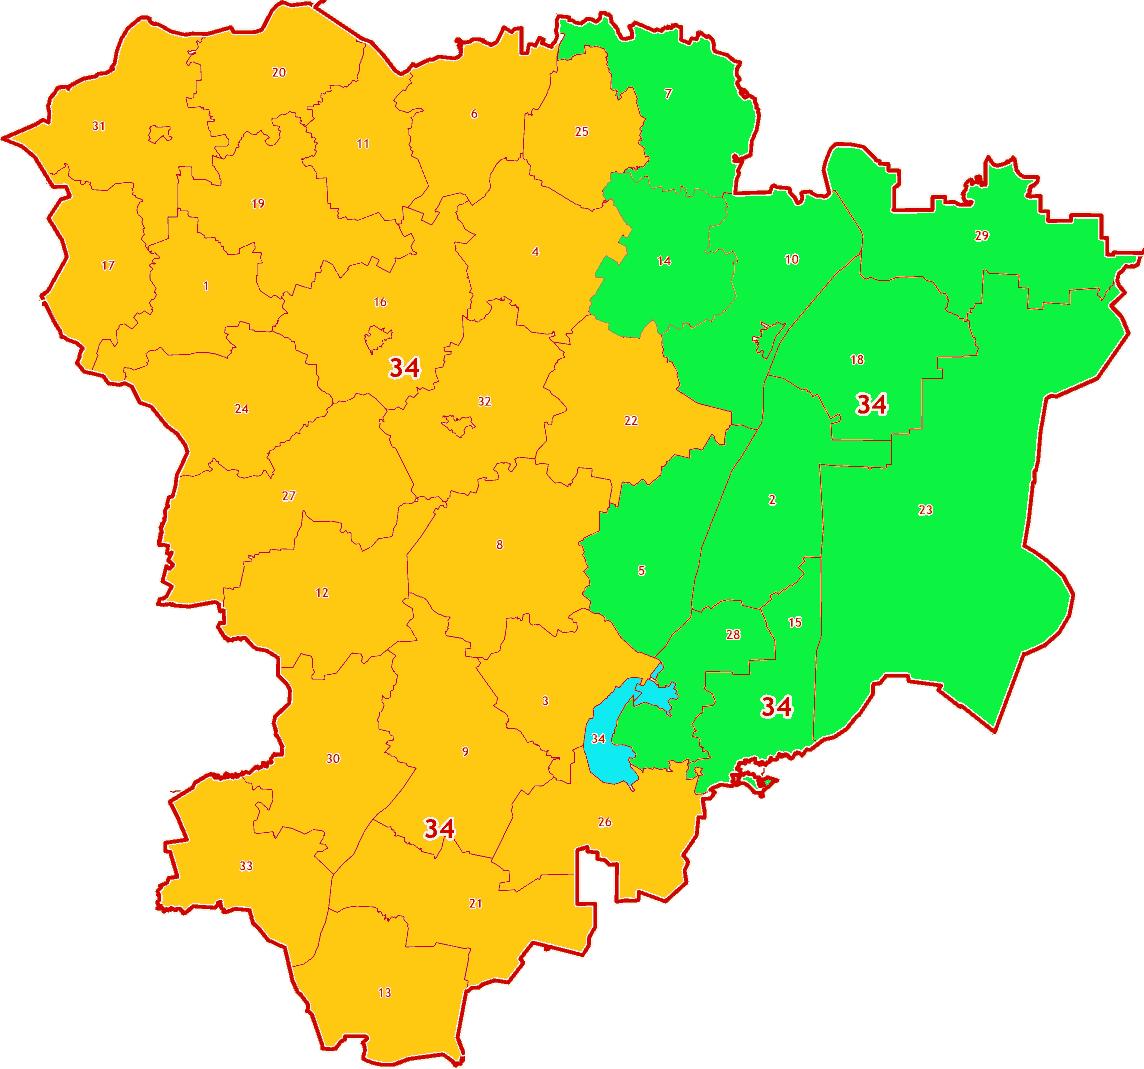 Зоны МСК-34 на территорию Волгоградской области